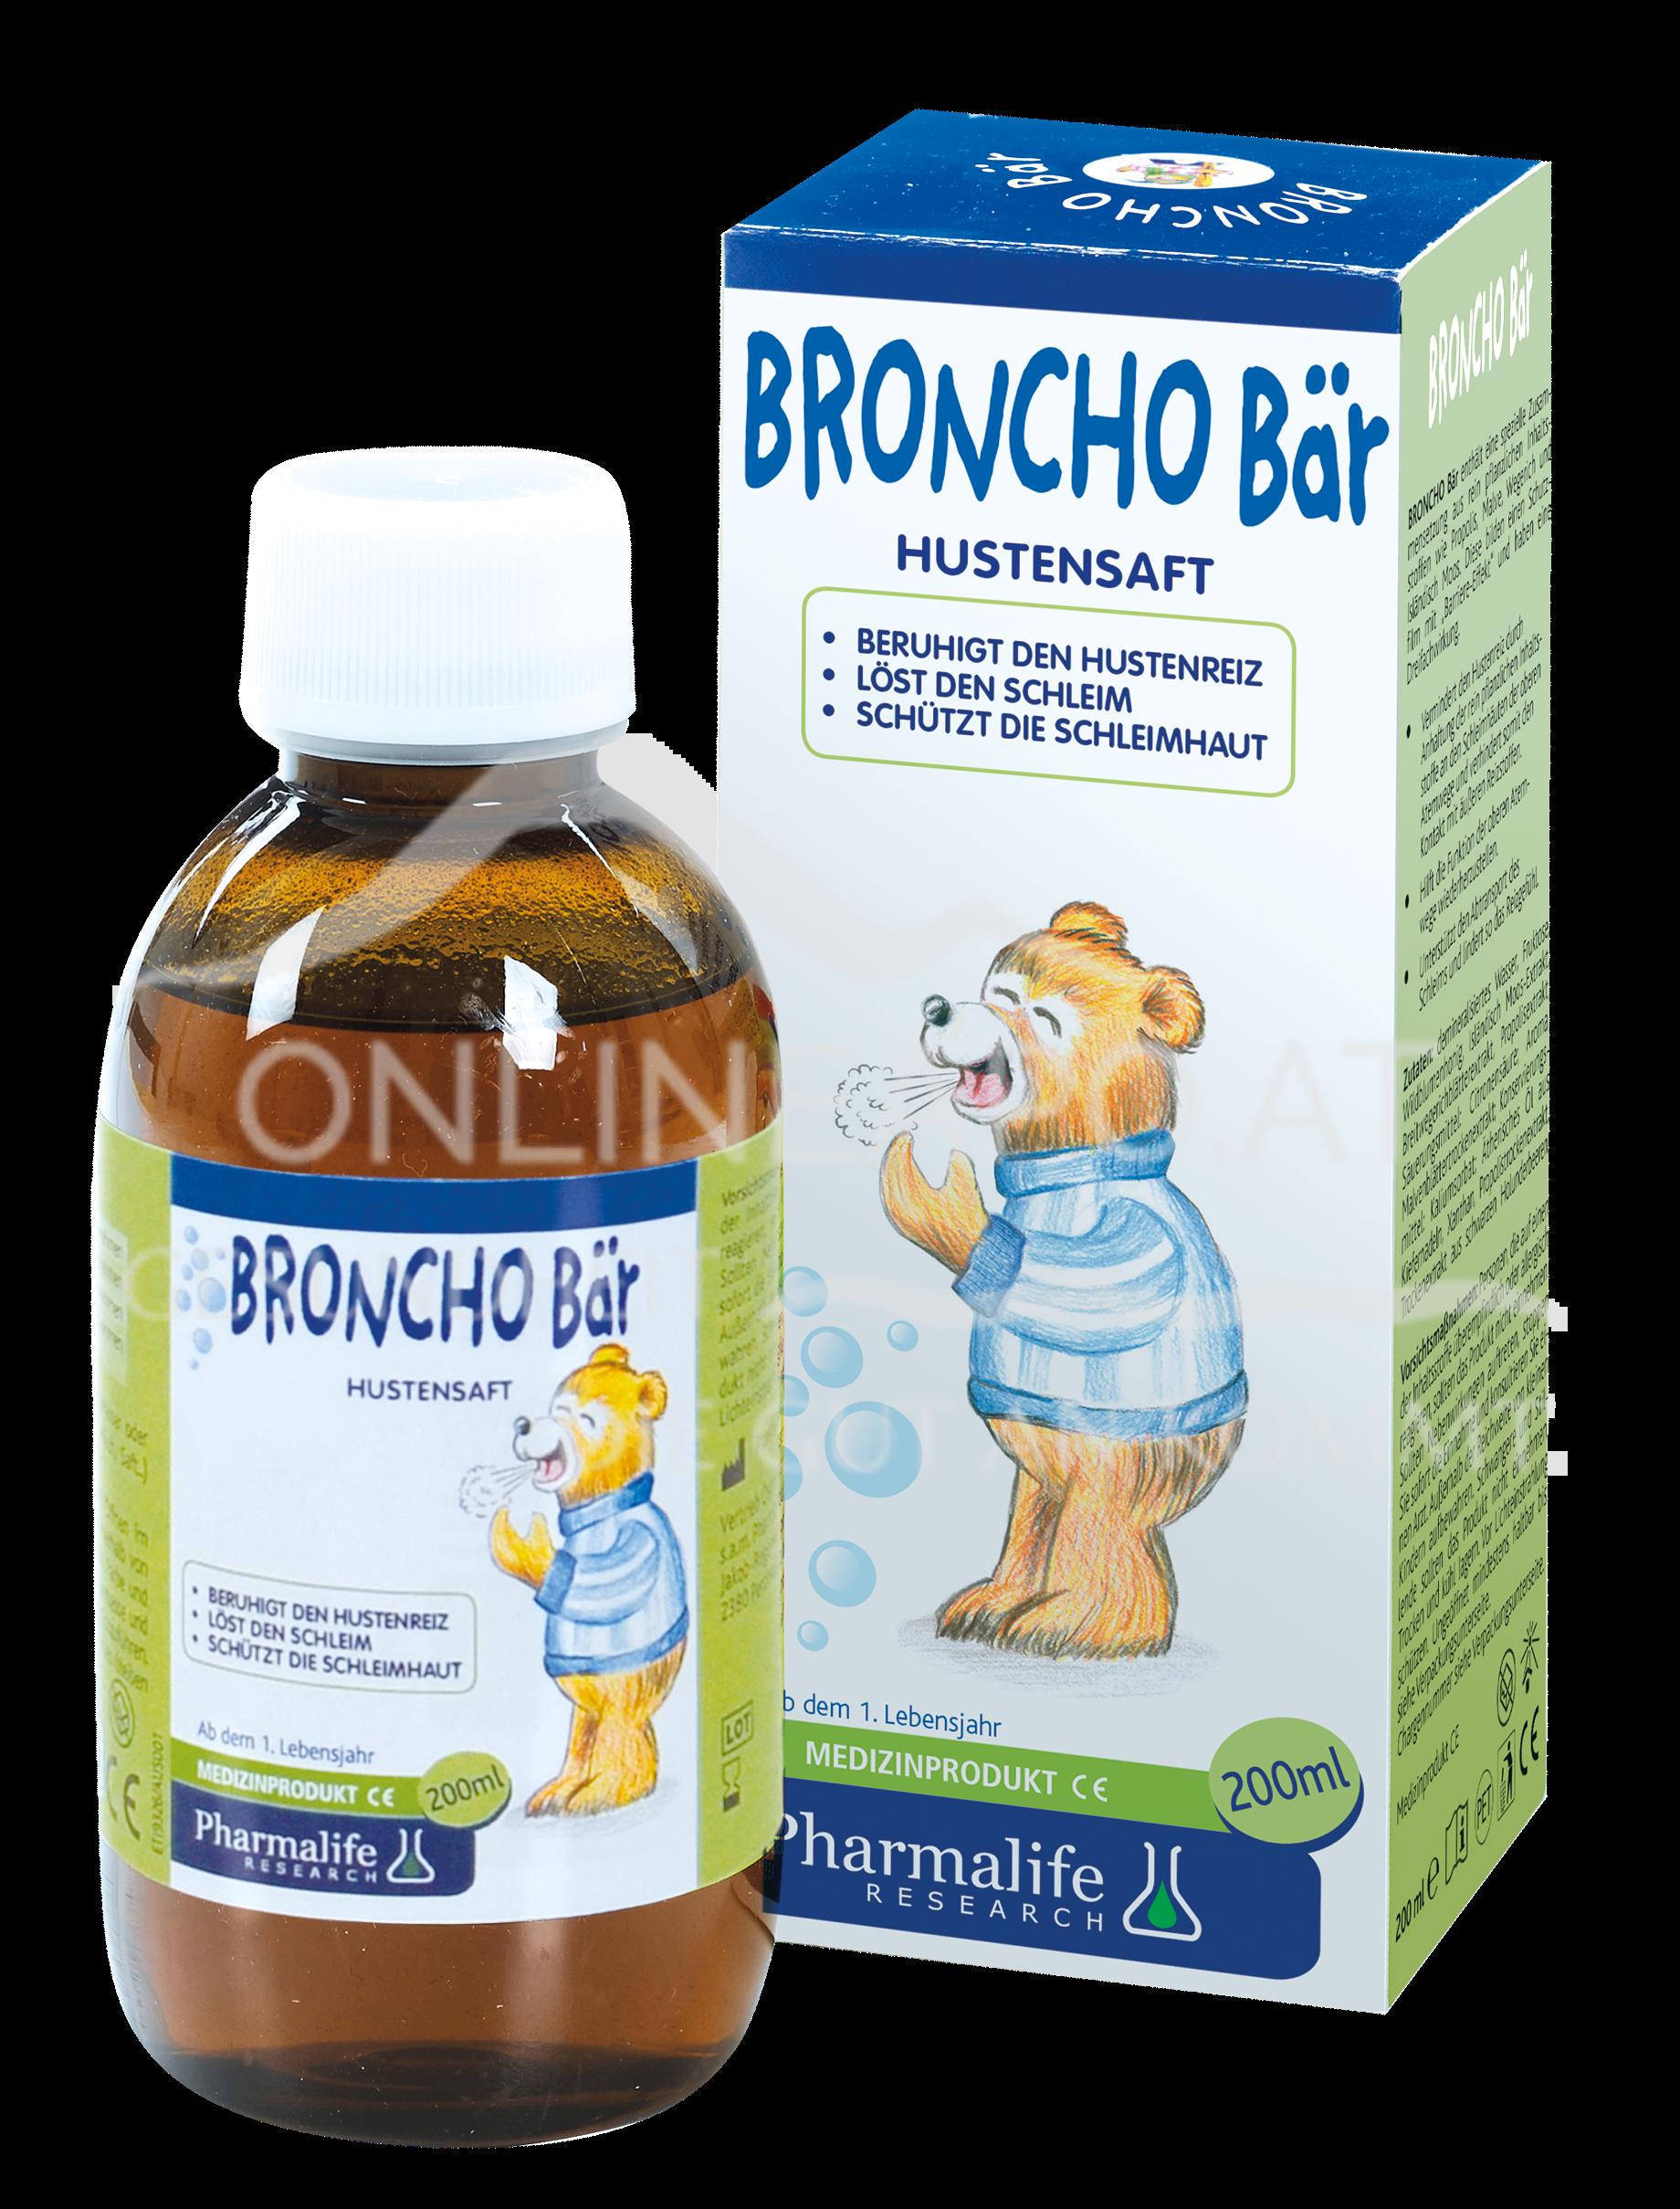 Broncho Bär Hustensaft